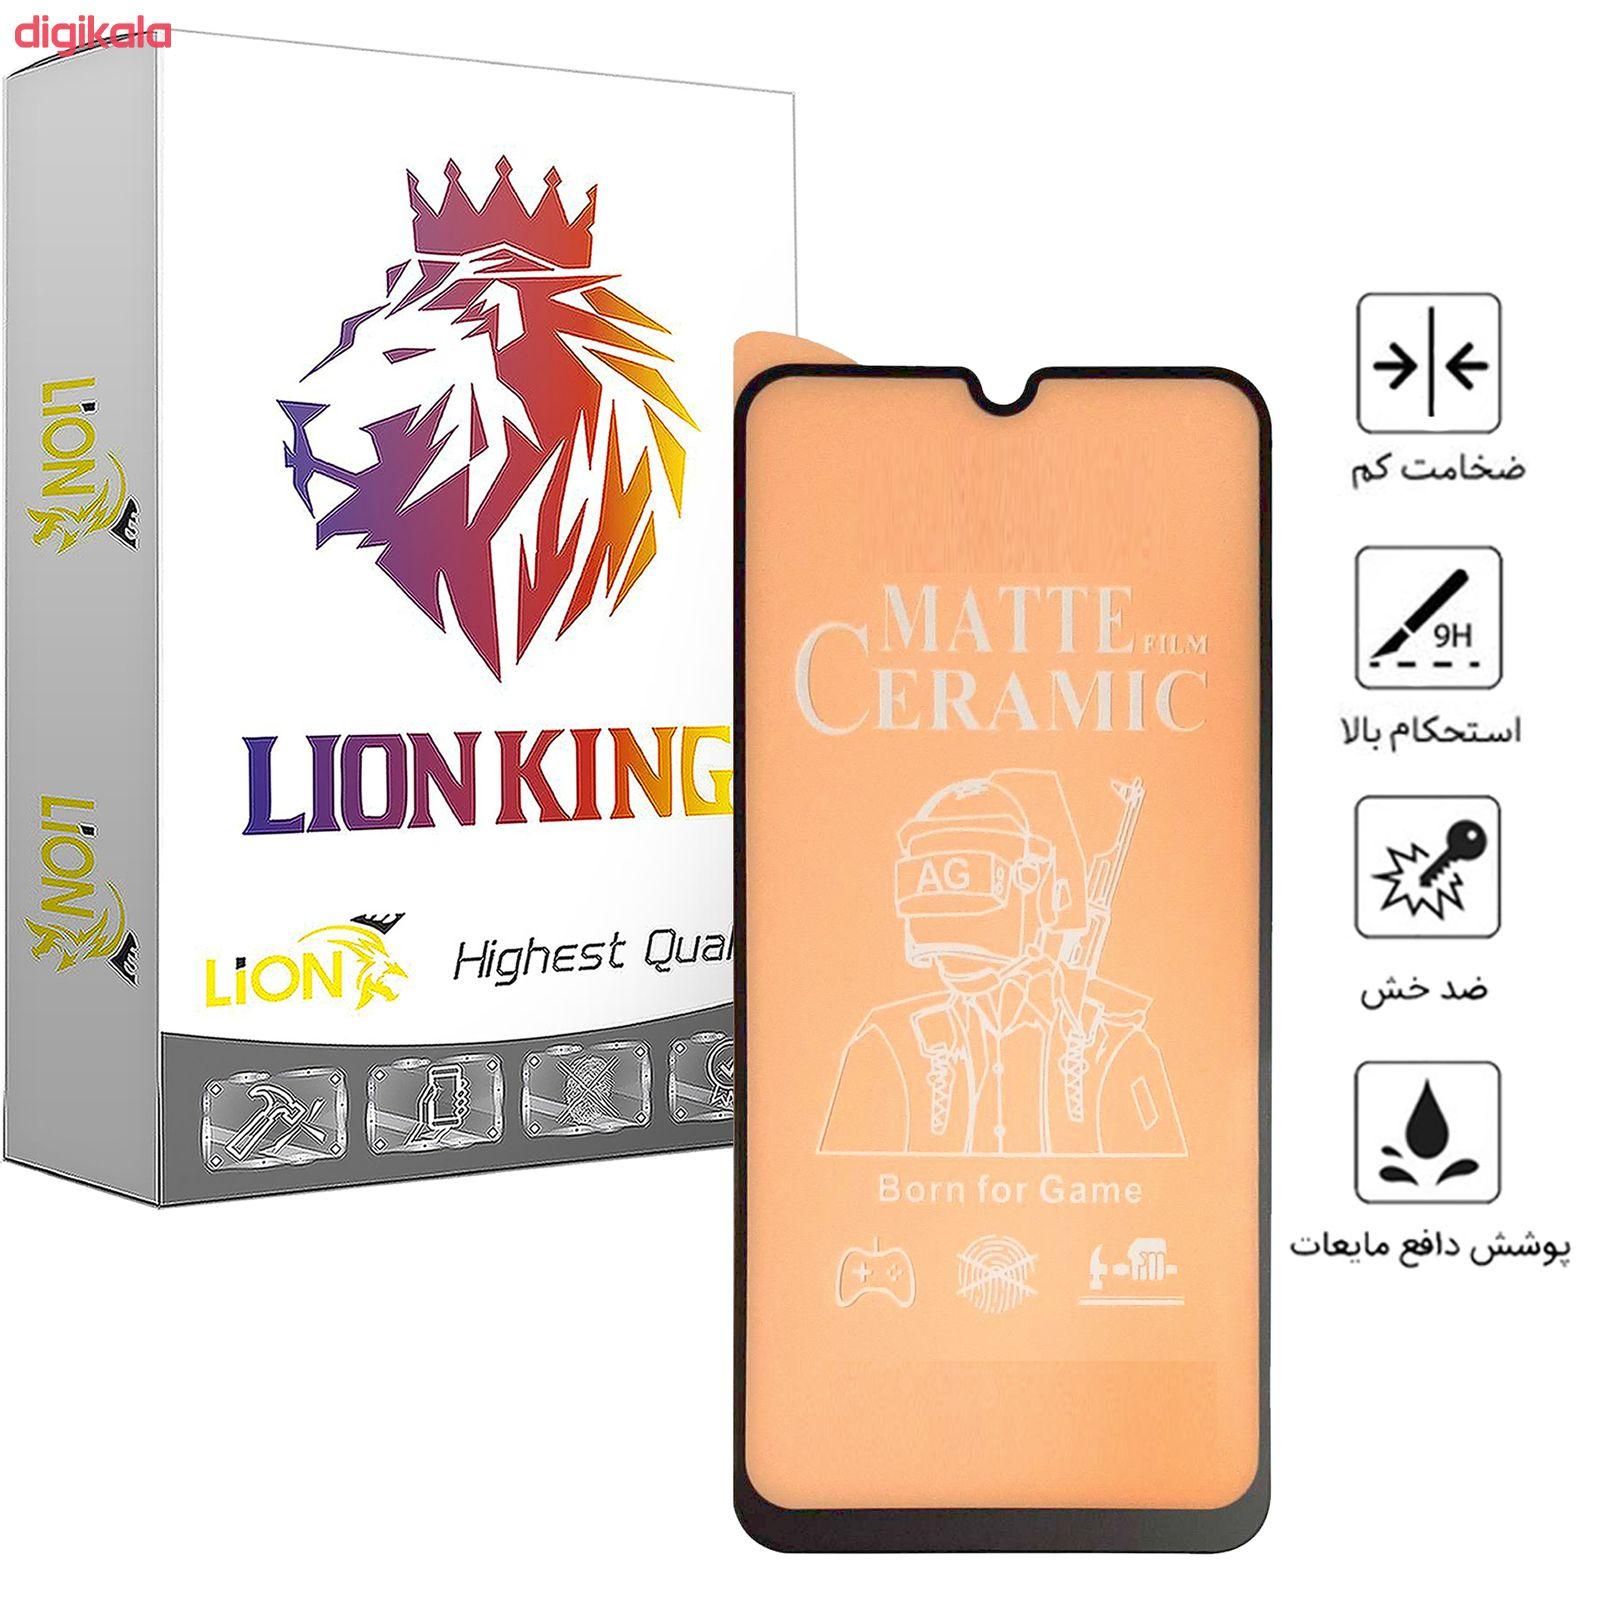 محافظ صفحه نمایش مات لاین کینگ مدل LKFCM مناسب برای گوشی موبایل شیائومی Redmi Note 8 main 1 2